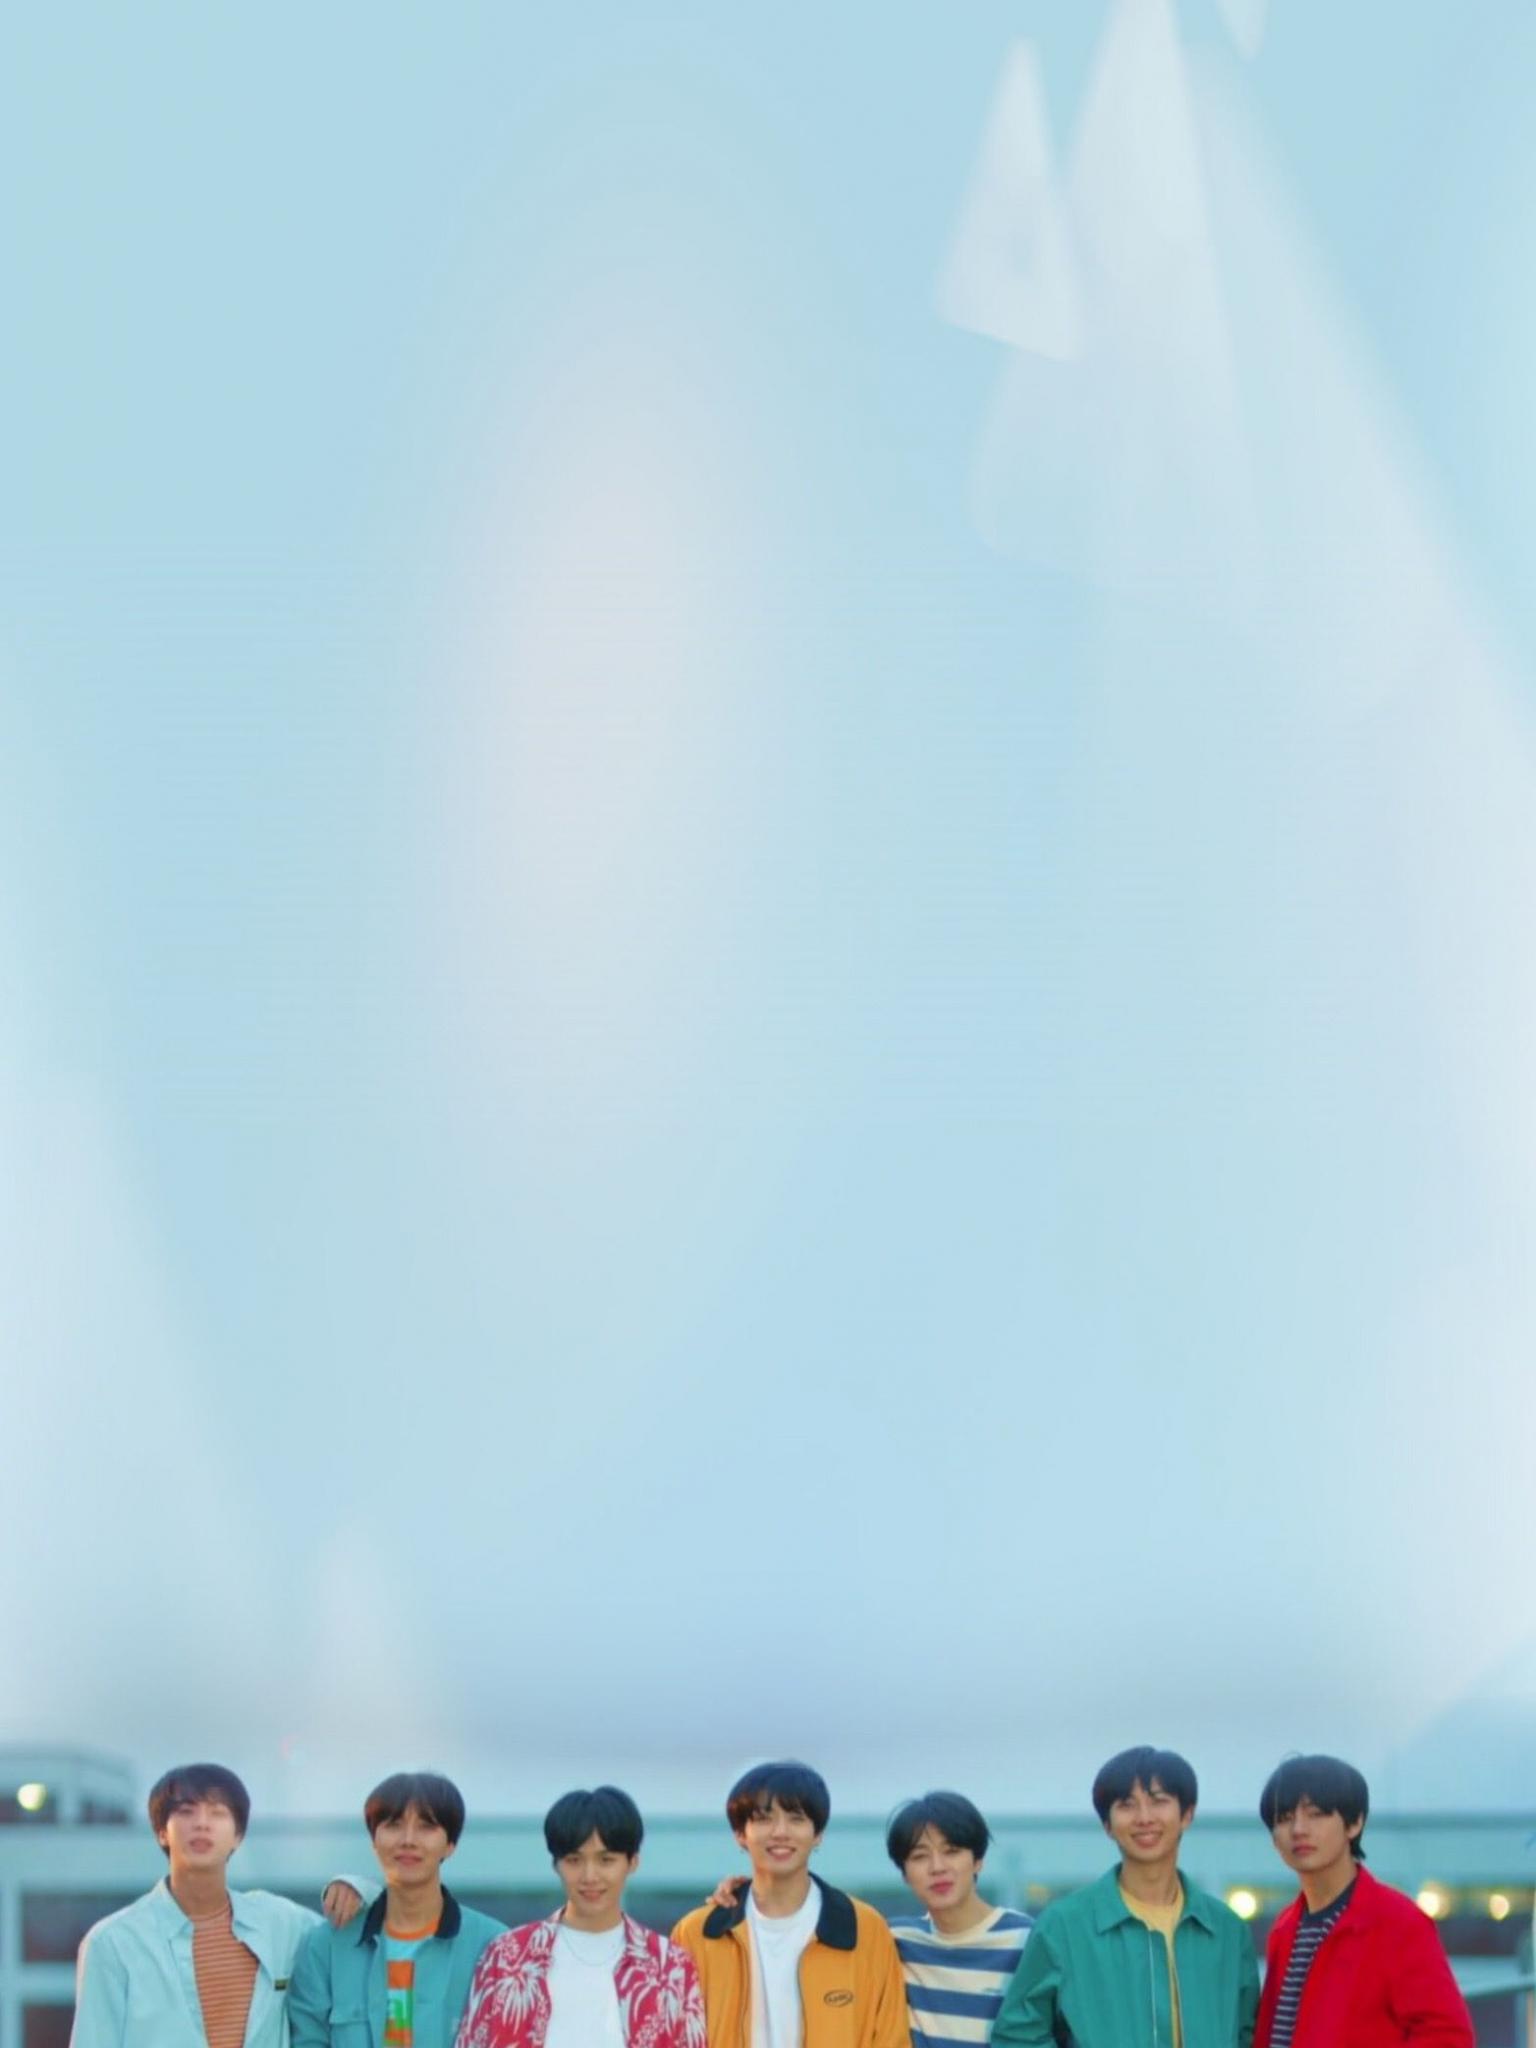 Free Download Bts Euphoria Wallpaper Bts Euphoria Wallpaper Bts In 2019 1564x2896 For Your Desktop Mobile Tablet Explore 25 Bts Euphoria Wallpapers Bts Euphoria Wallpapers Jungkook Euphoria Wallpapers Bts Wallpaper